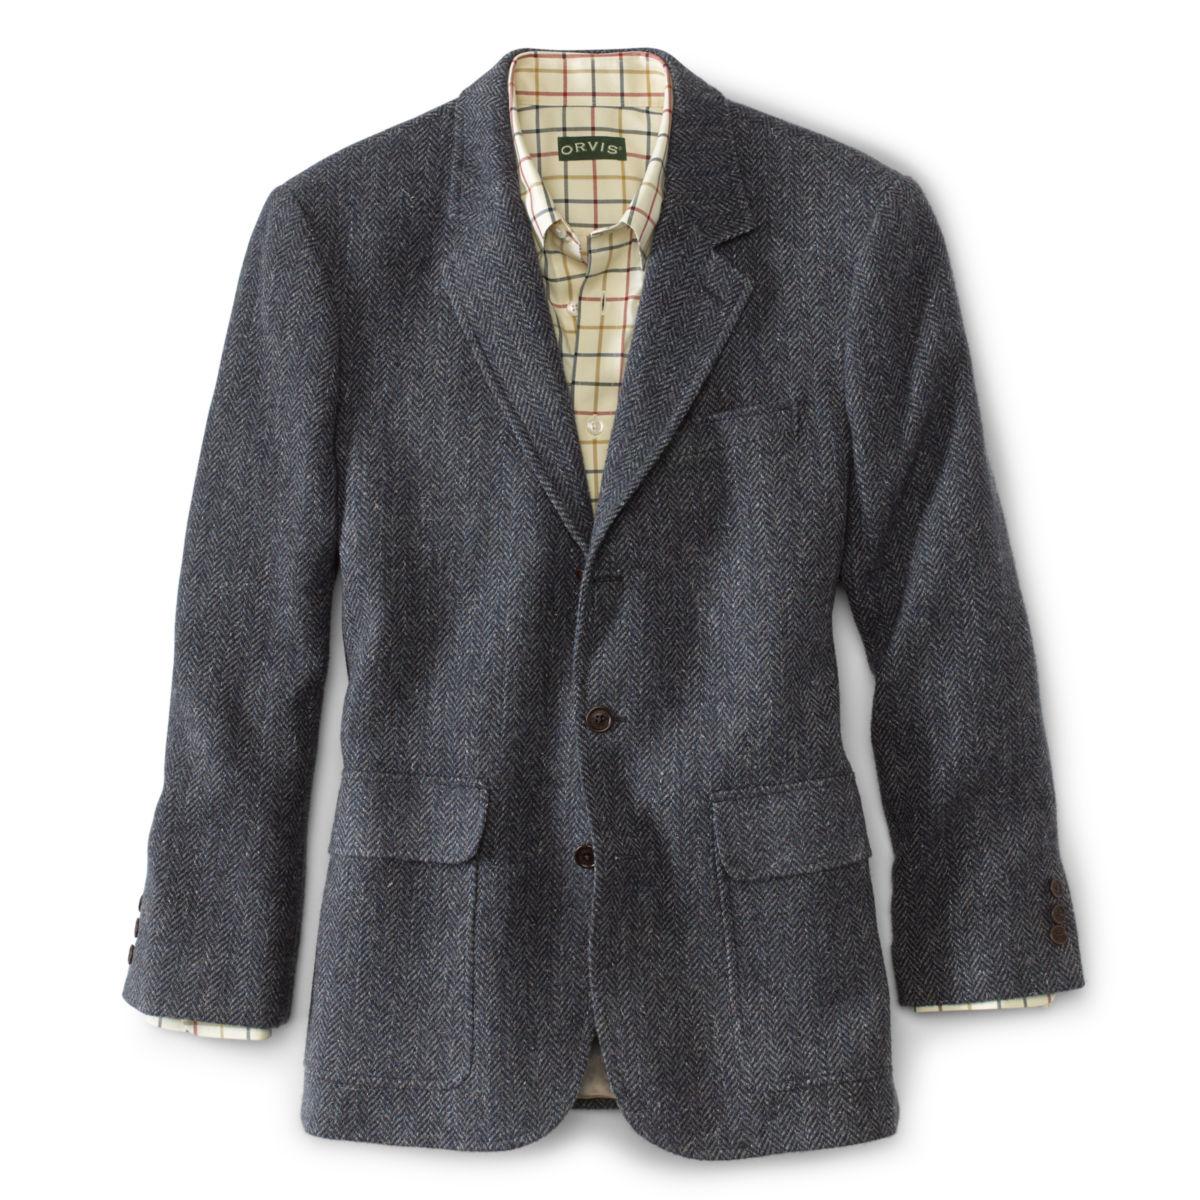 Lightweight Highland Tweed Sport Coat - Regular - image number 0